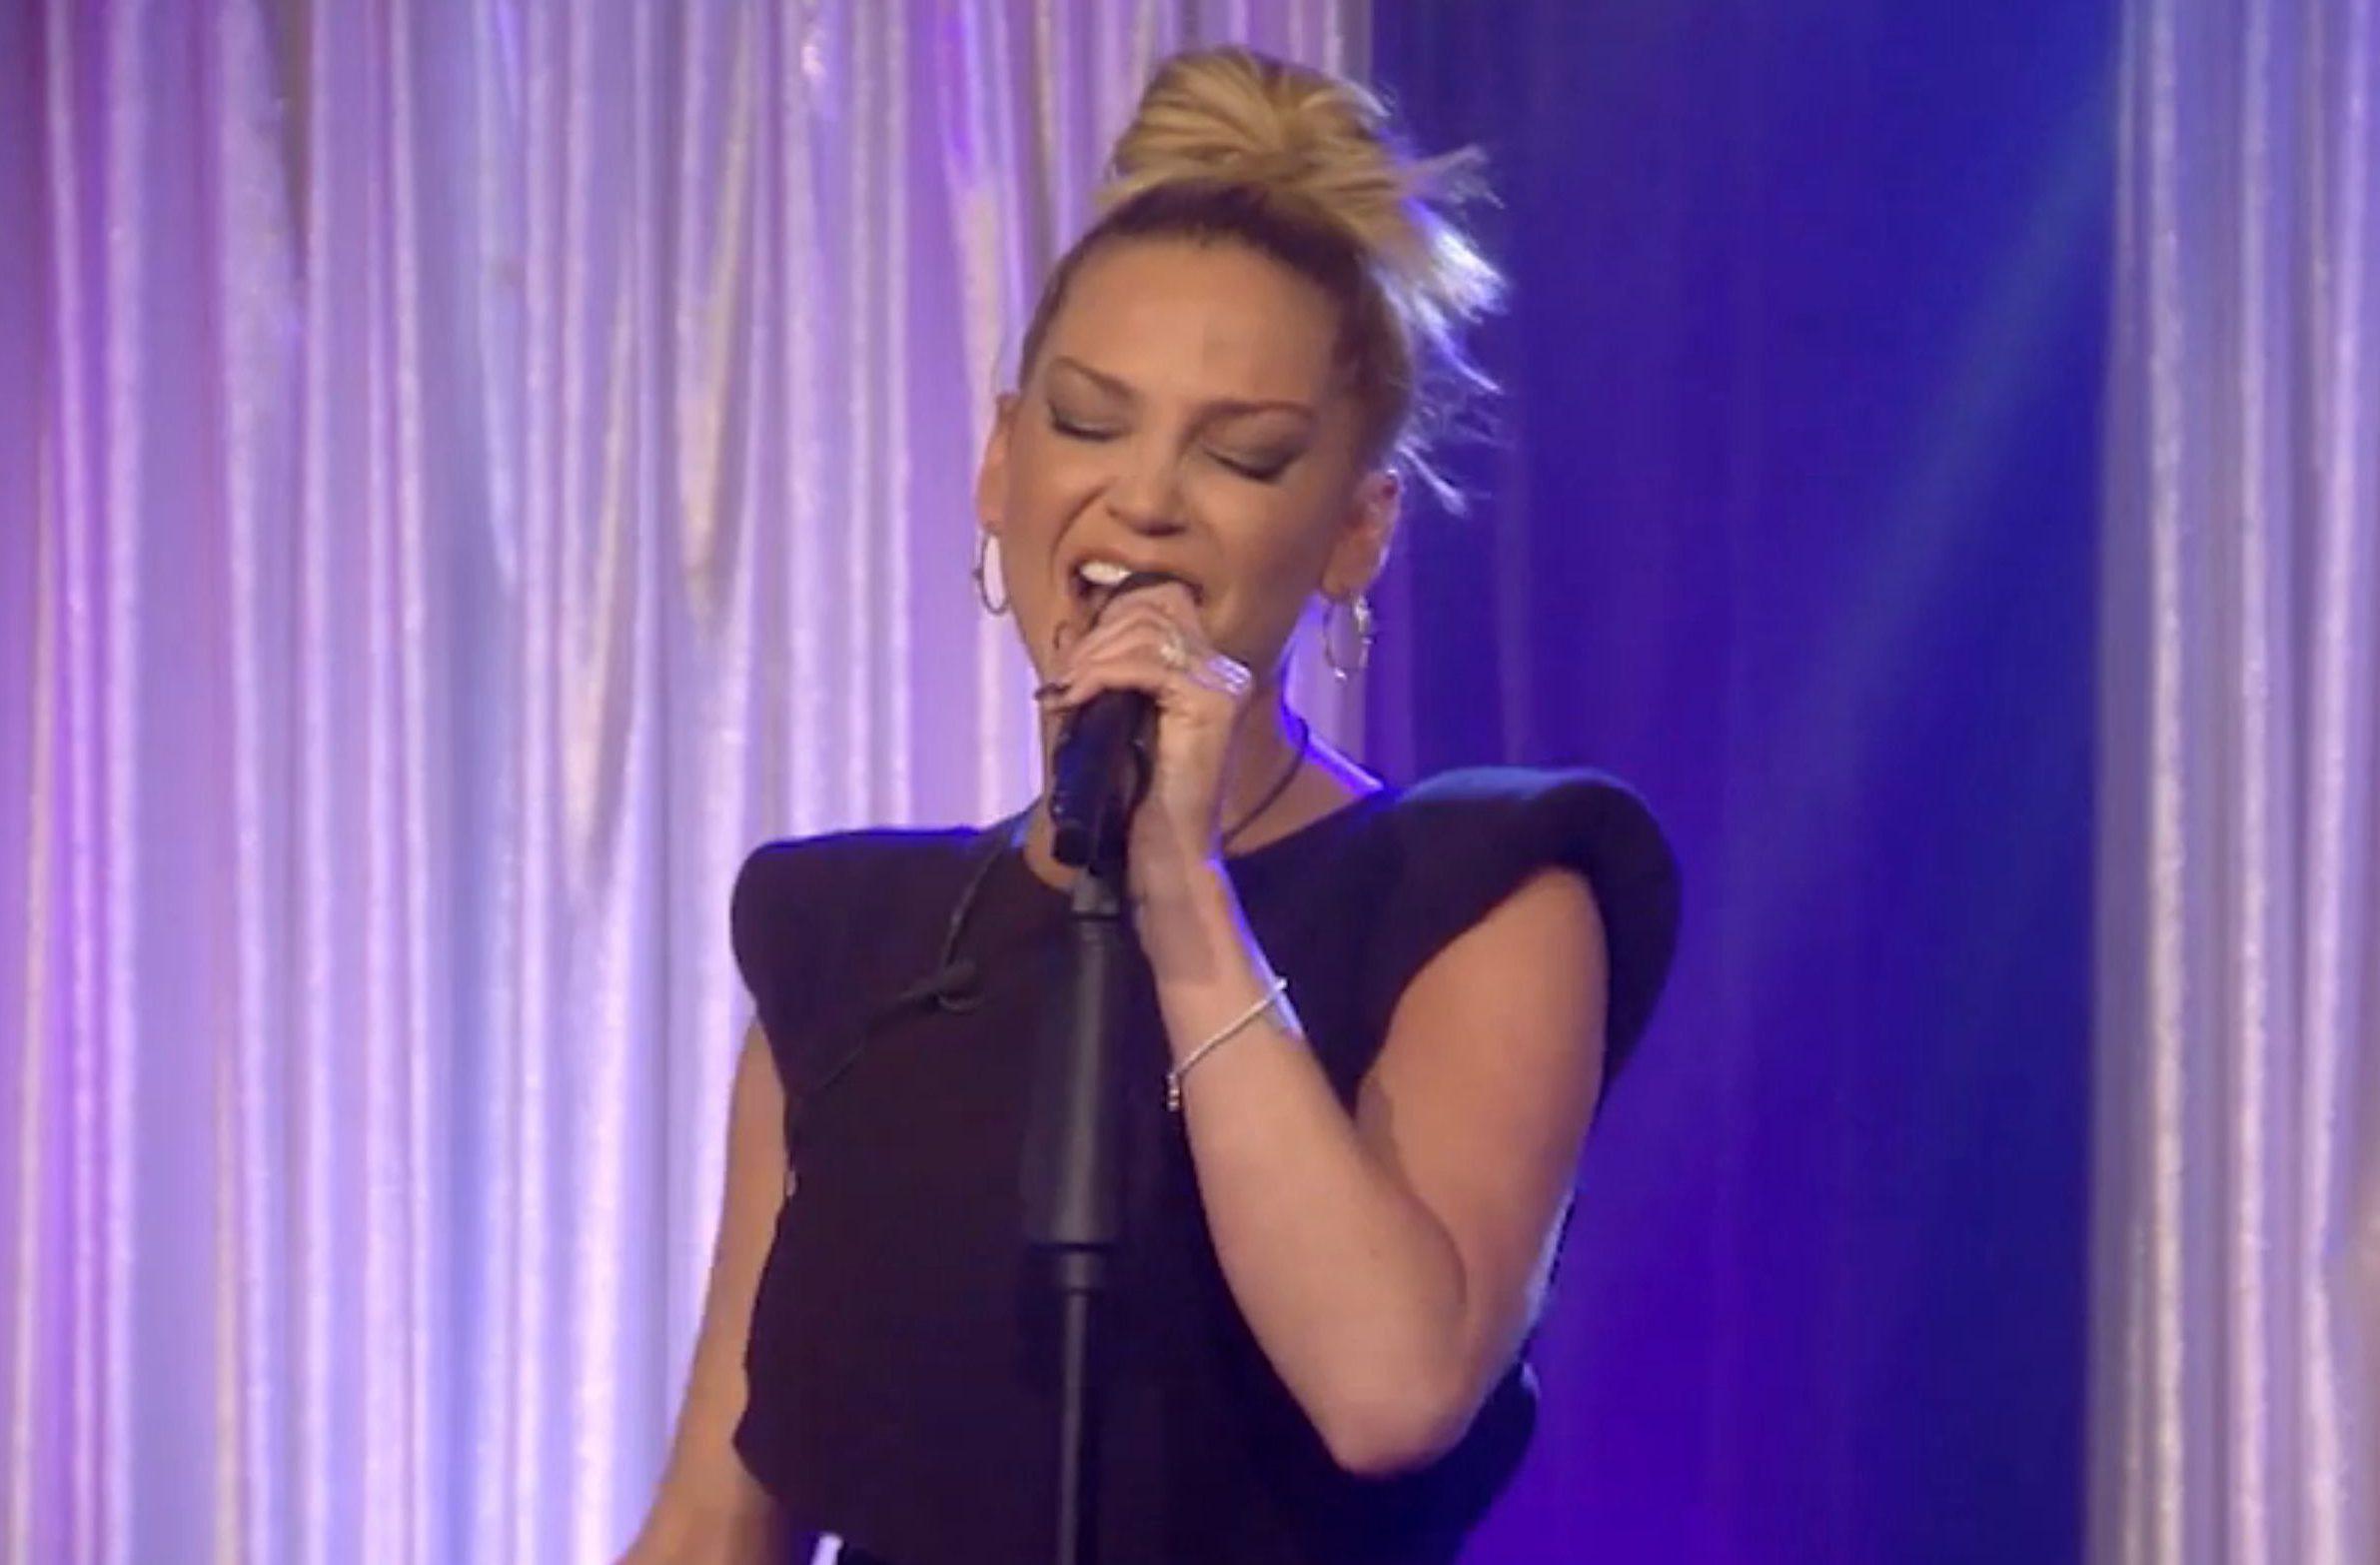 Sarah Harding had to hold up lyrics to sing Girls Aloud song on CBB